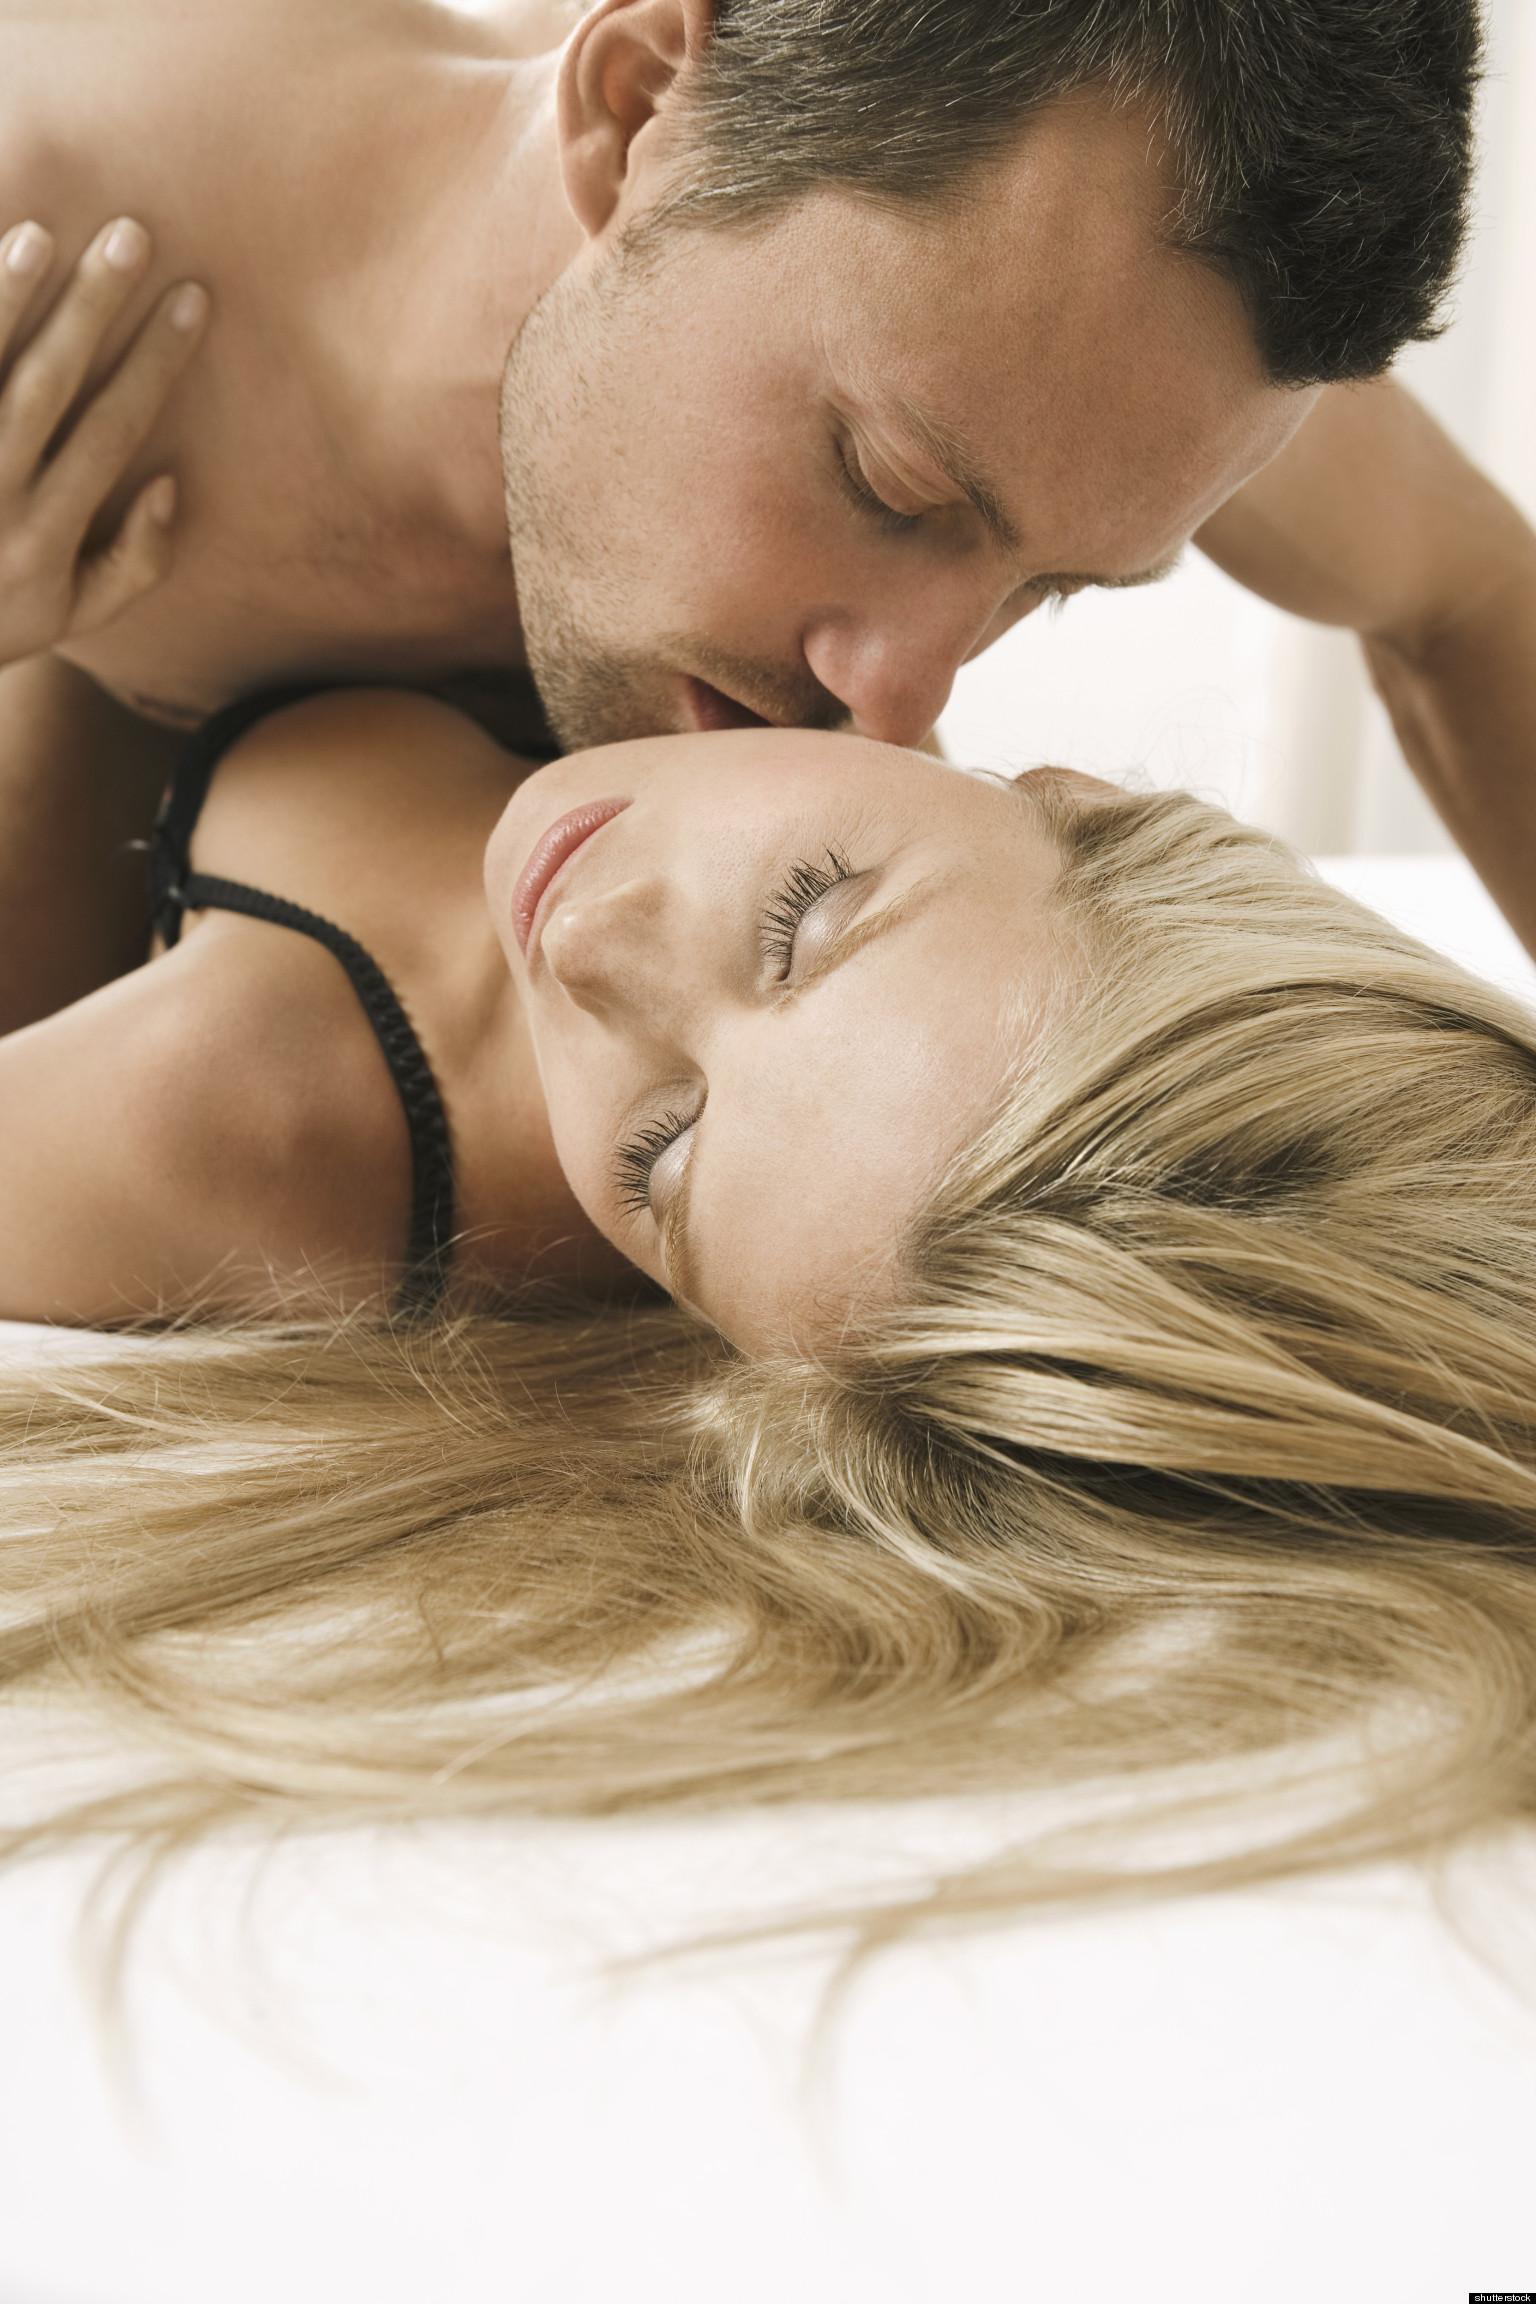 Секс медленный романтический 7 фотография